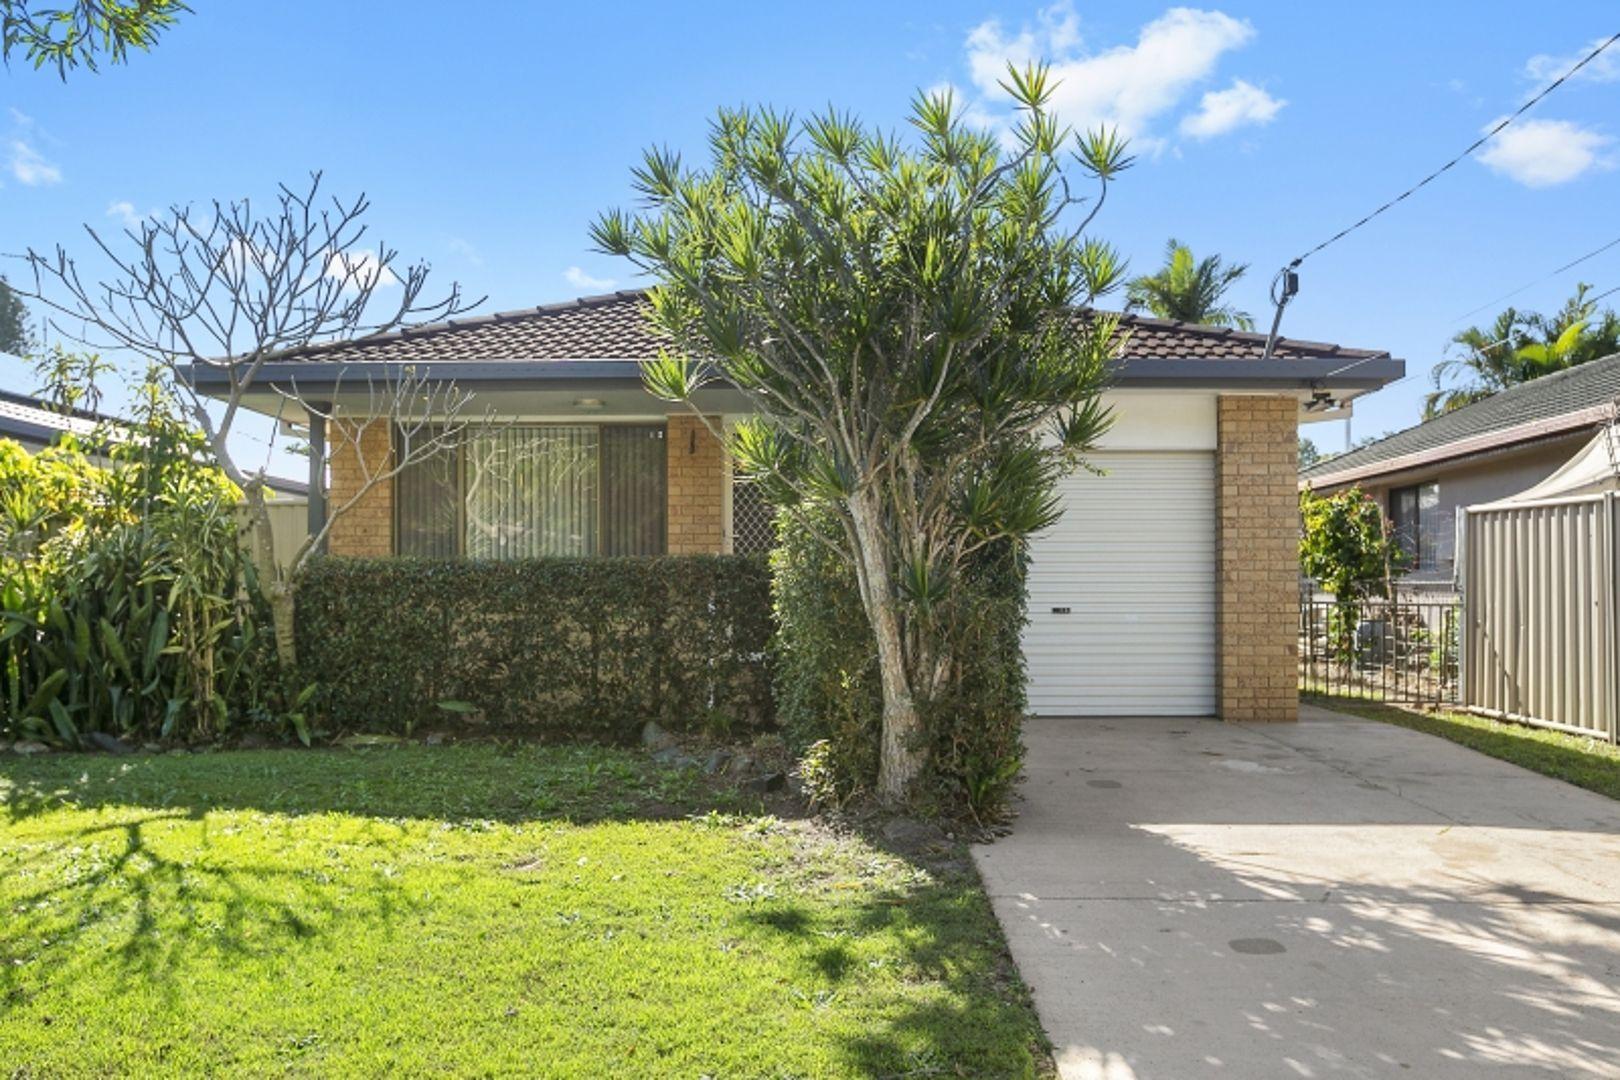 58 Nalkari Street, Coombabah QLD 4216, Image 0